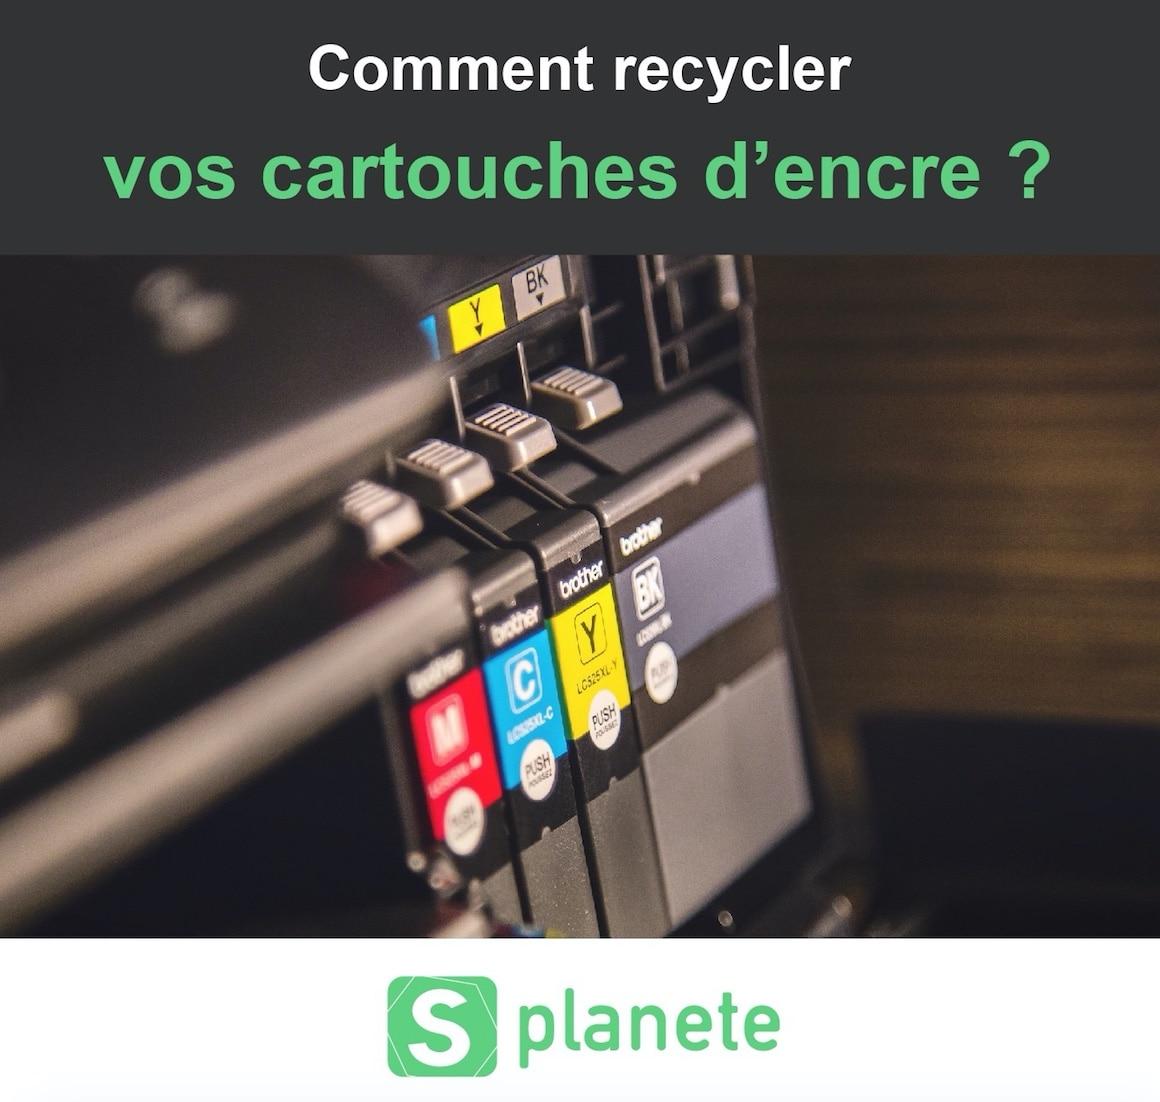 Comment recycler vos cartouches d'encre d'imprimante ?